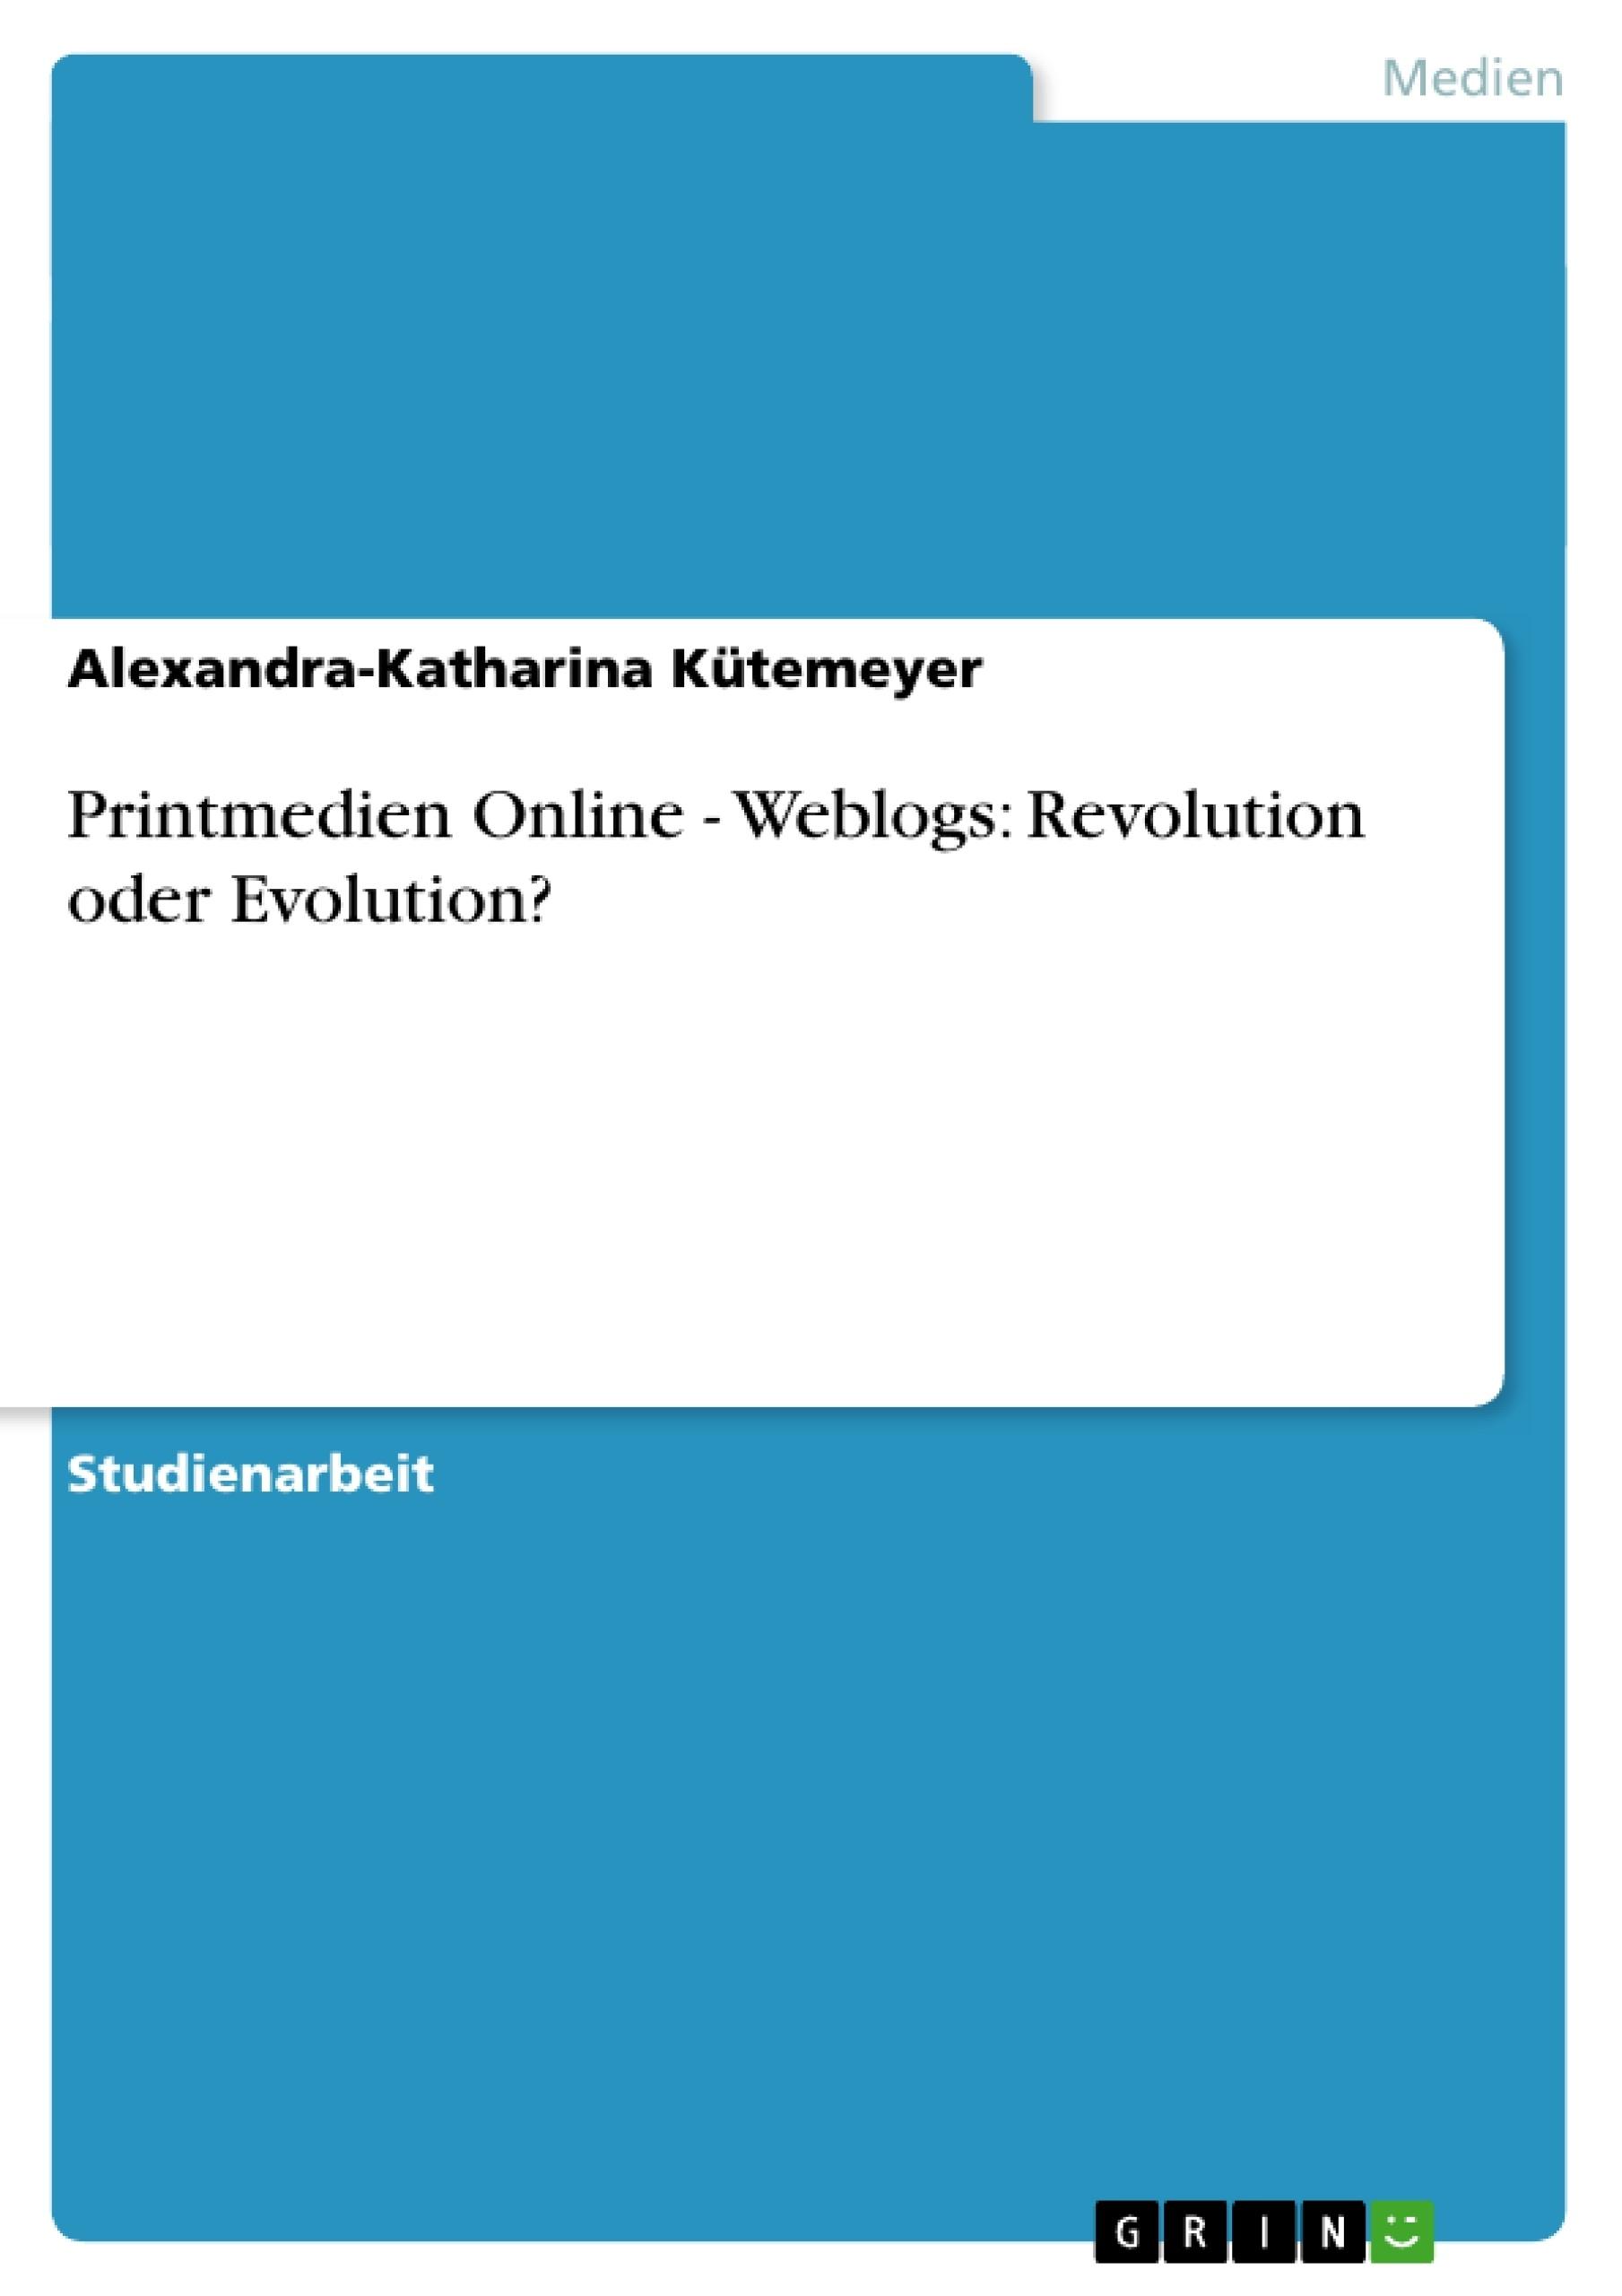 Titel: Printmedien Online - Weblogs: Revolution oder Evolution?